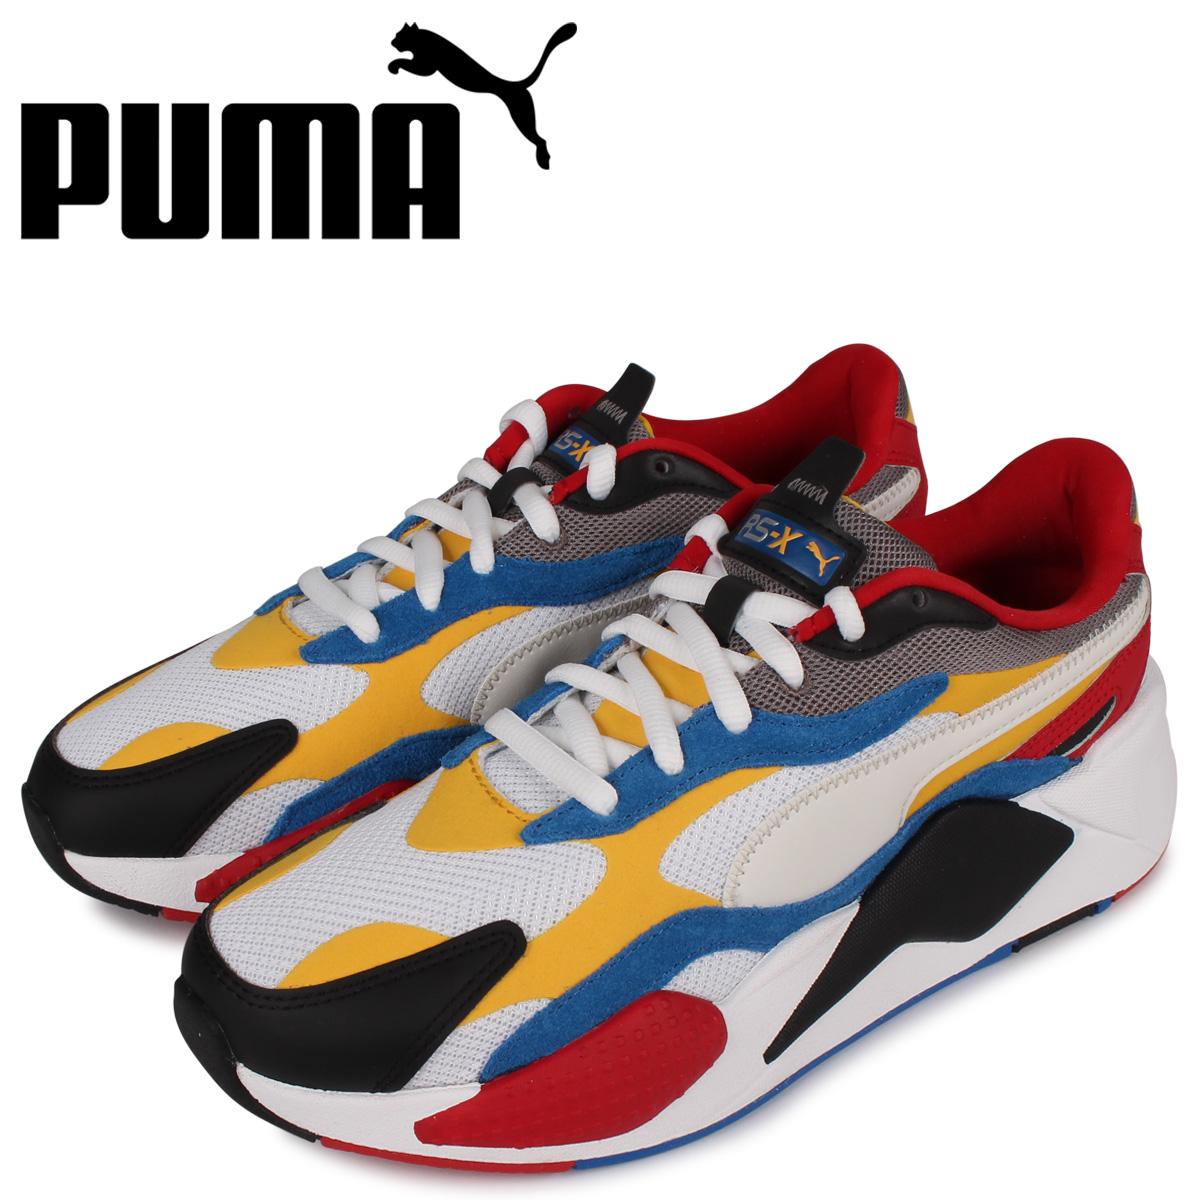 PUMA プーマ パズル スニーカー メンズ RS-X3 PUZZLE ホワイト 白 371570 04